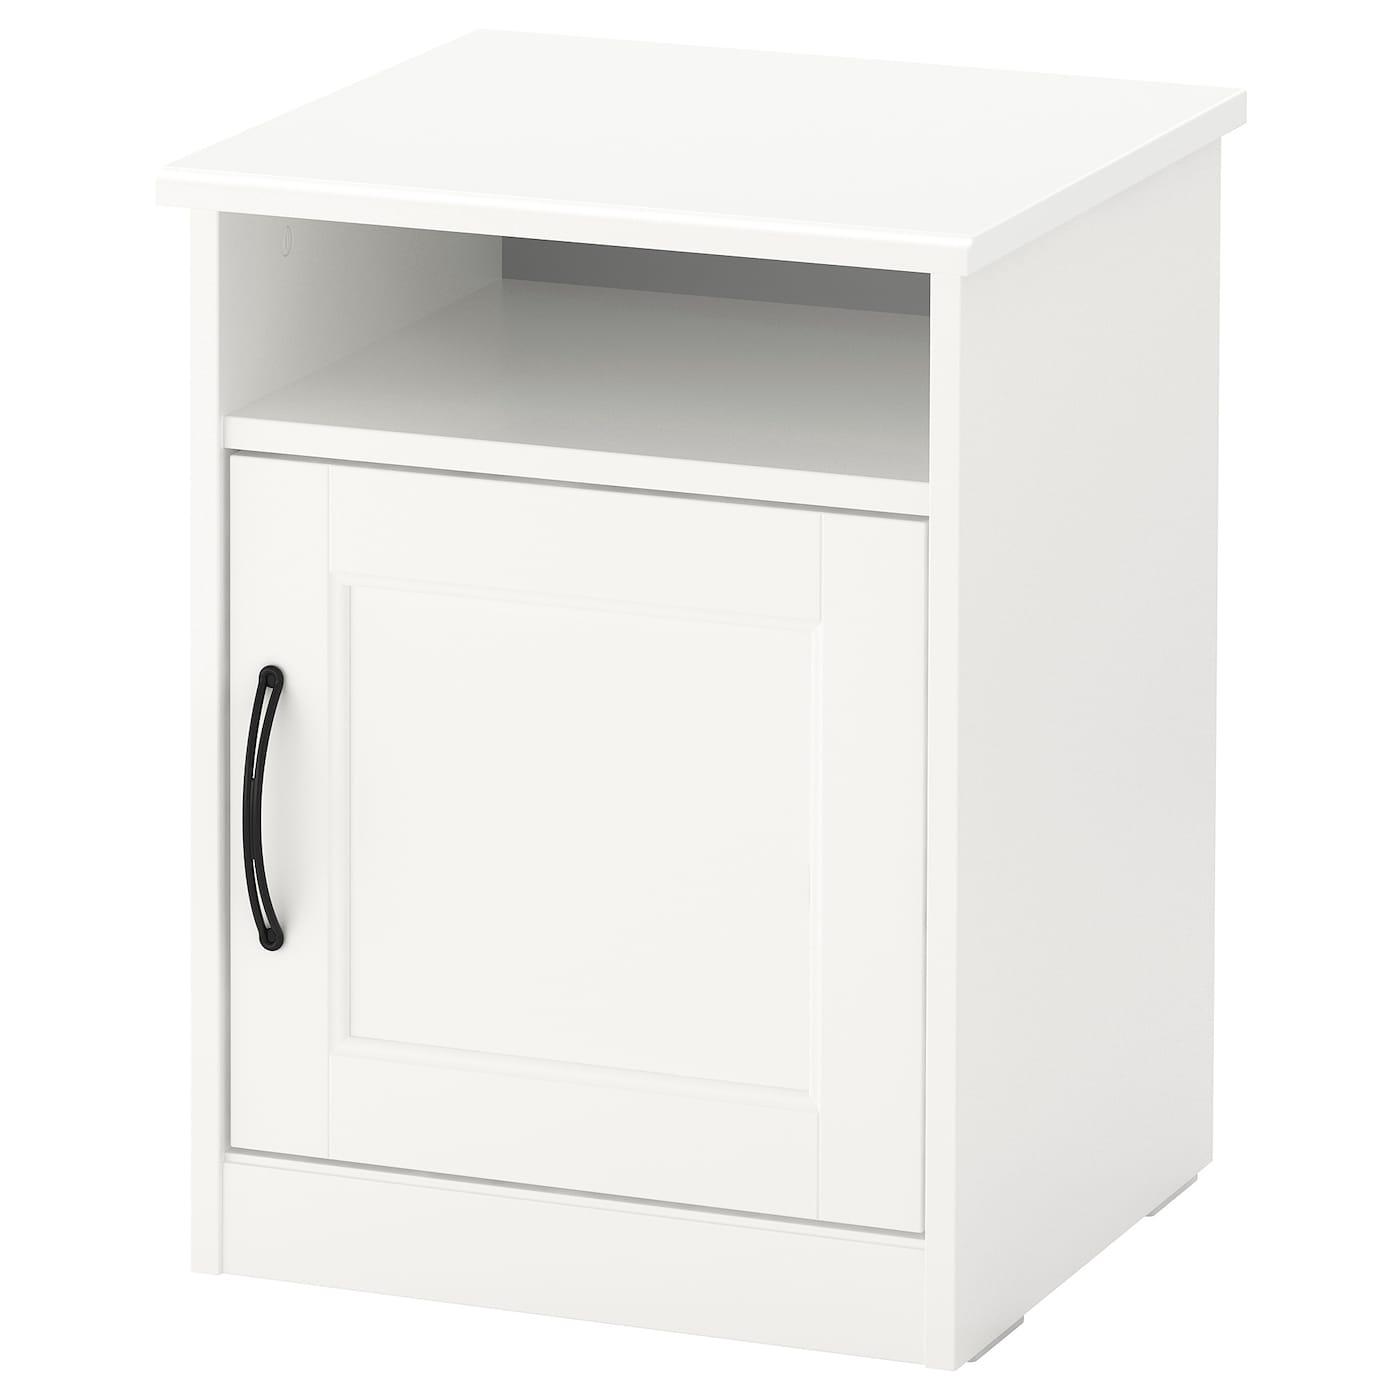 IKEA SONGESAND biały stolik nocny, 42x40 cm